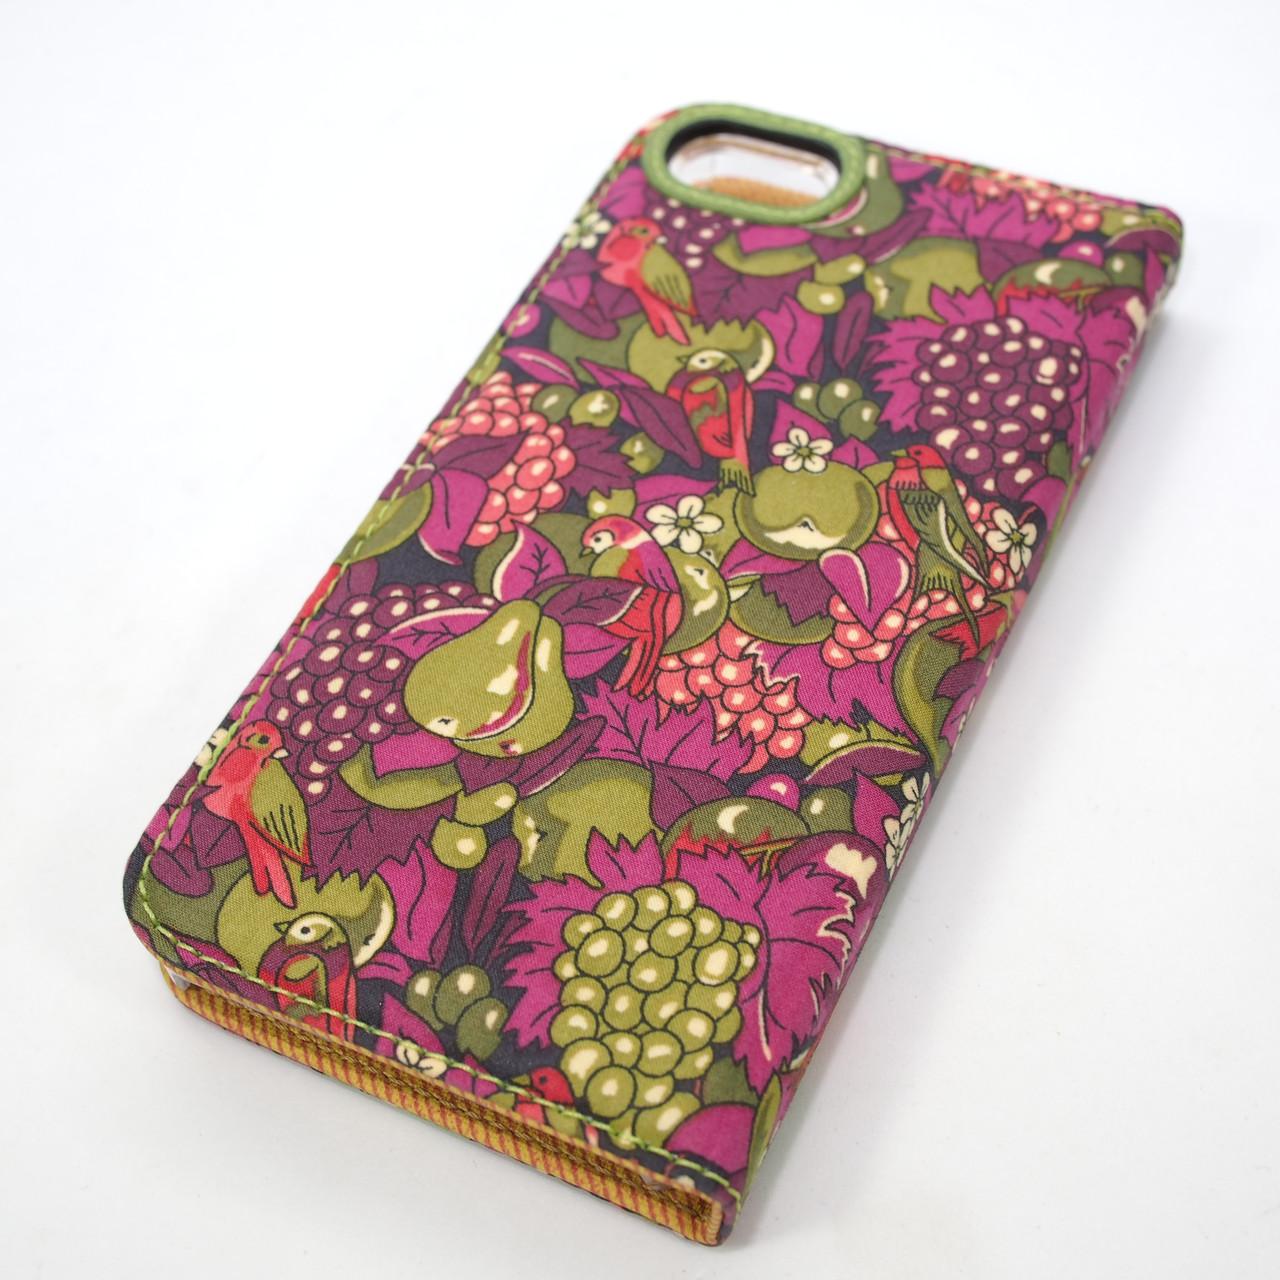 Чехол AVOC Liberty Diary iPhone 5s